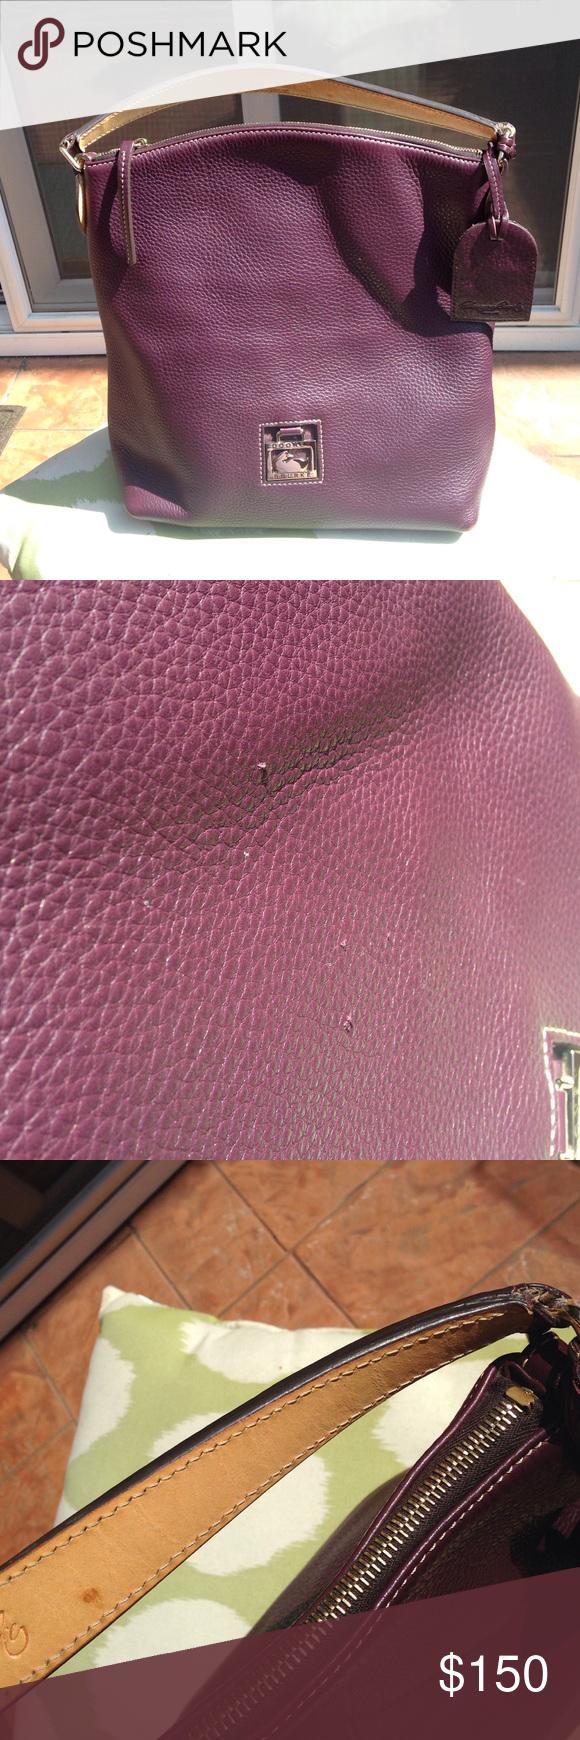 Authentic Plum Dooney u0026 Bourke Bag Authentic